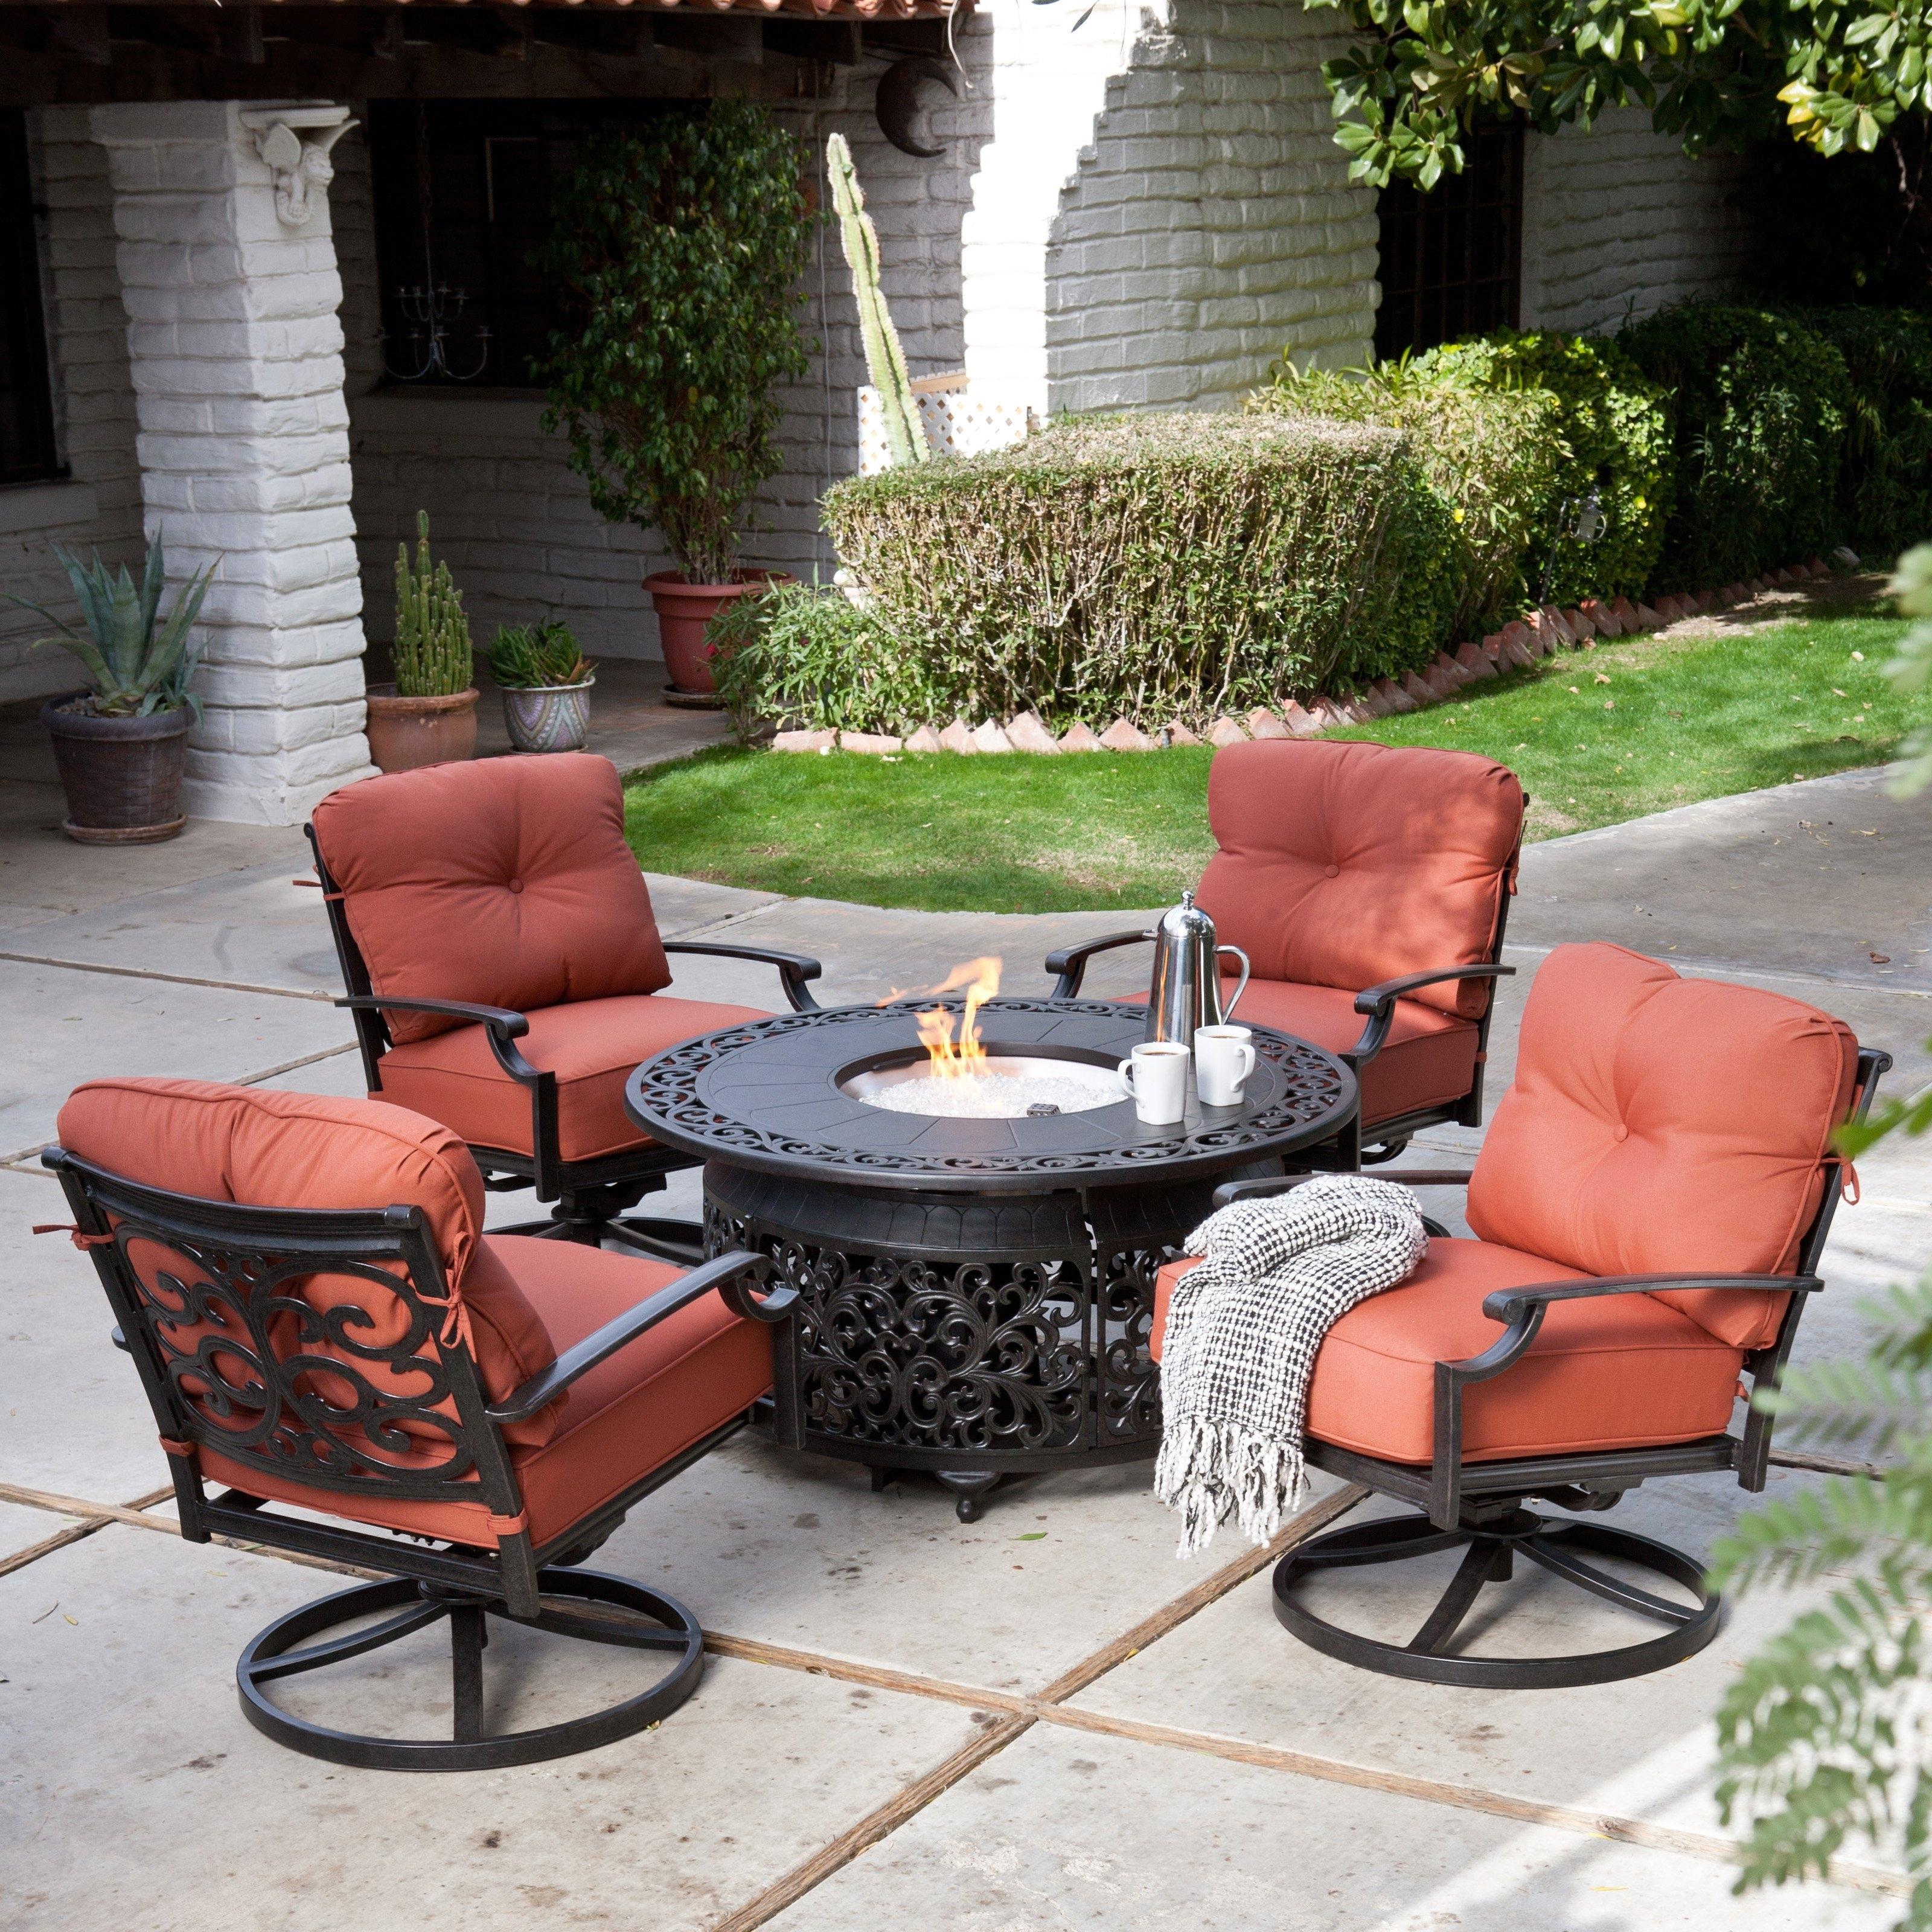 Famous Patio Furniture Conversation Sets With Fire Pit Regarding Best Of Fire Pit Conversation Sets Belham Living San Miguel Cast (View 7 of 20)